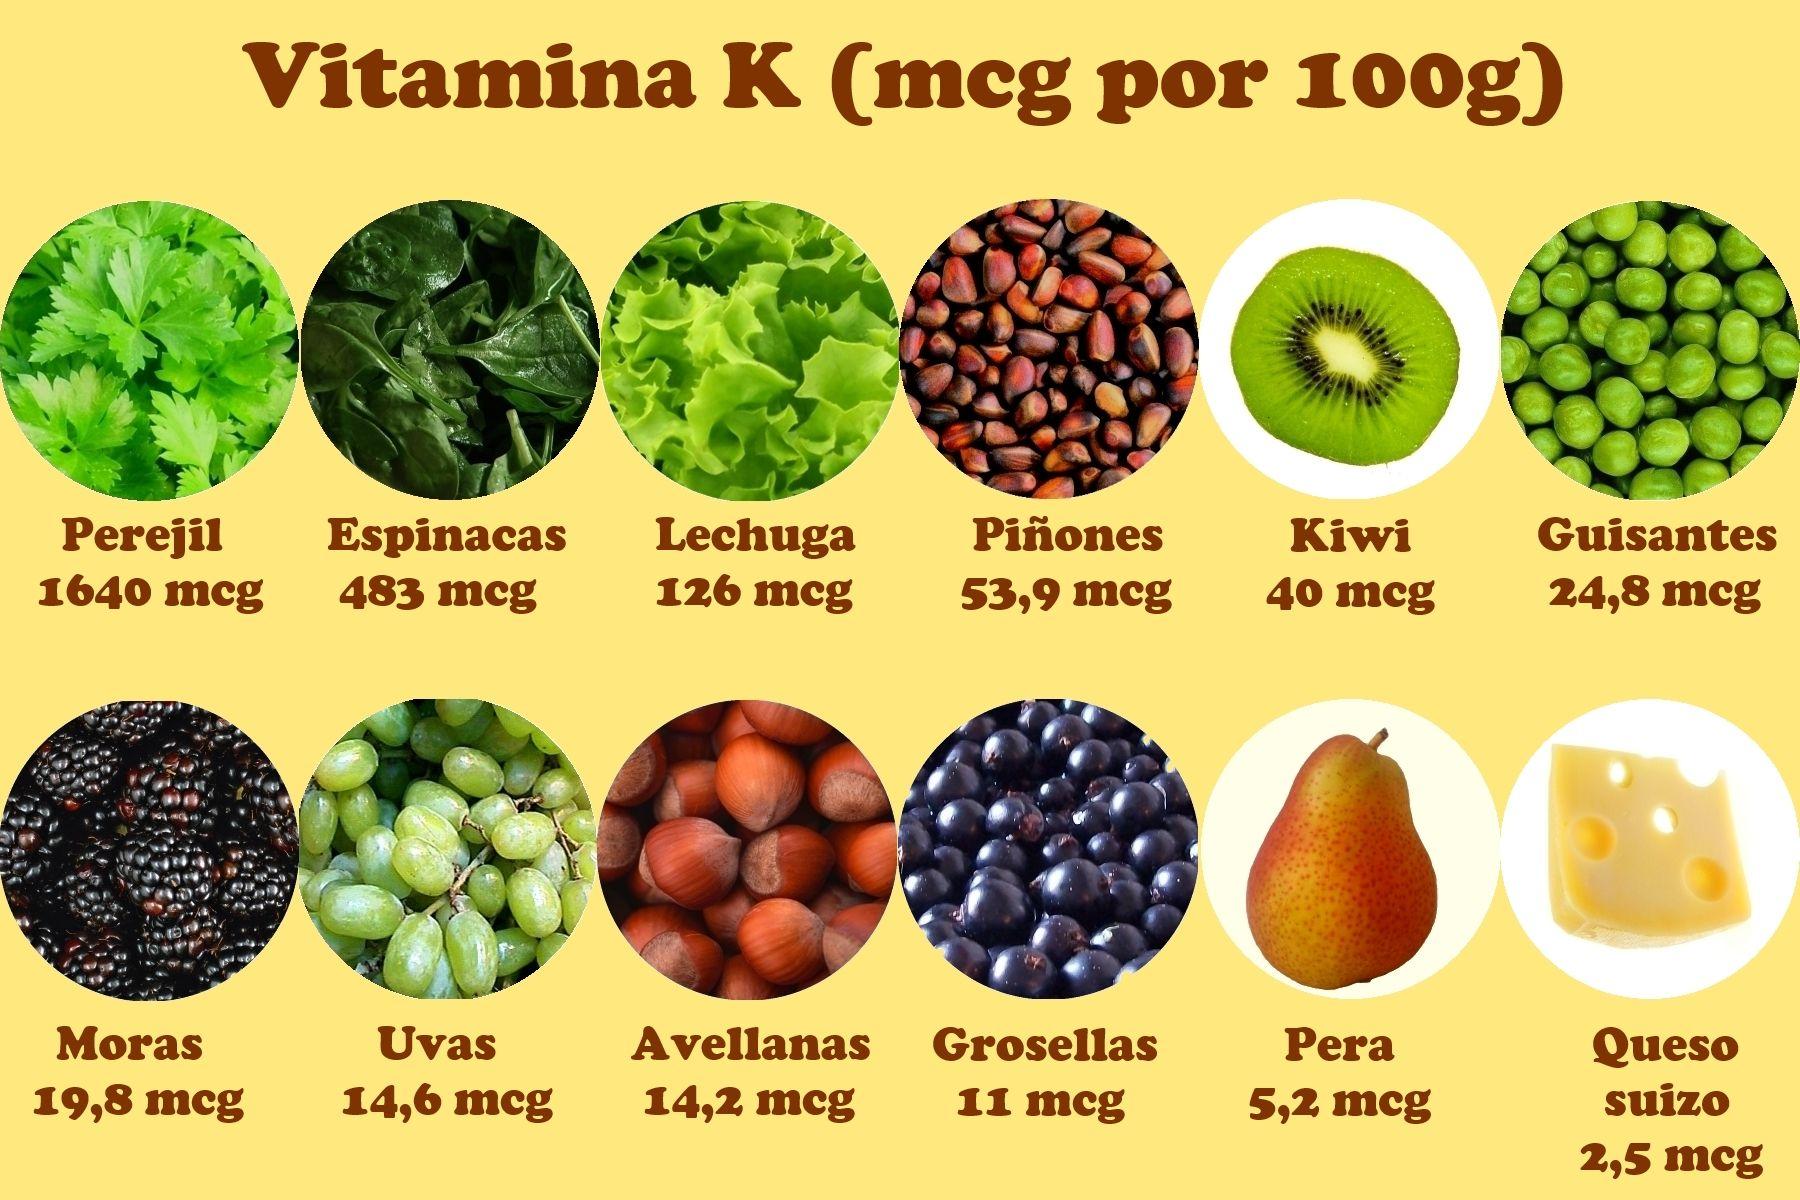 fotos de alimentos com vitamina k